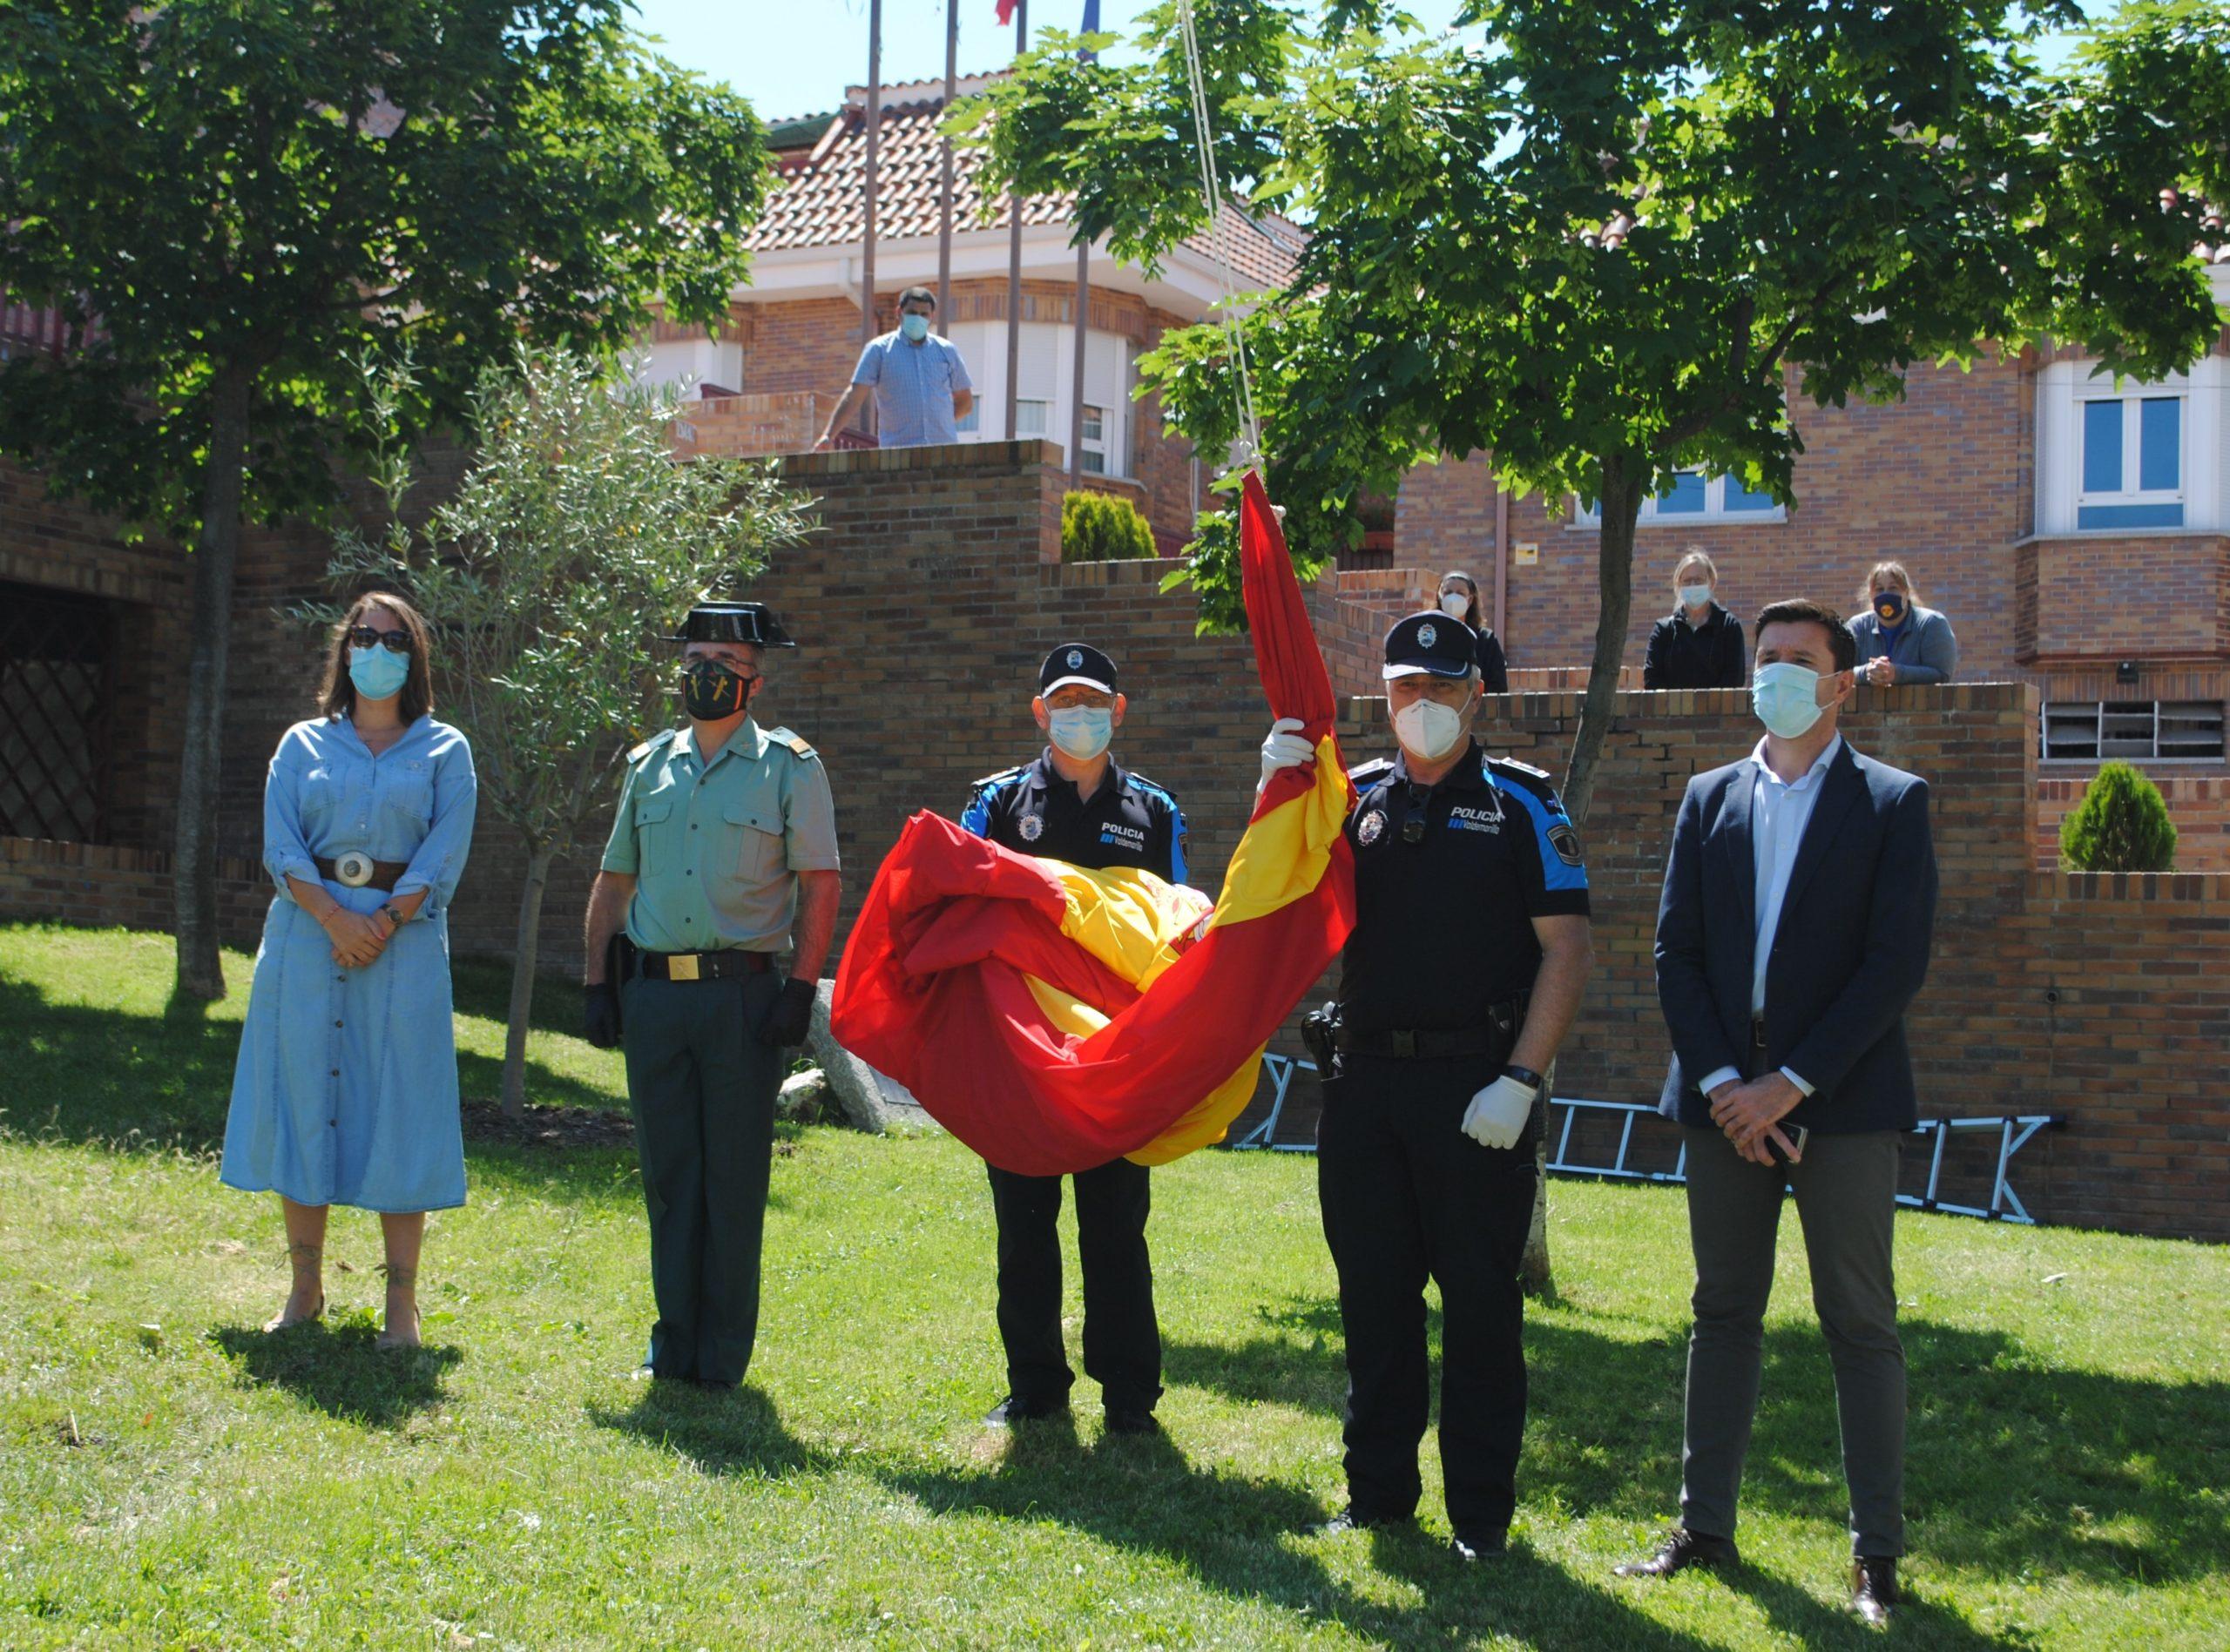 Valdemorillo rinde homenaje a las víctimas  del COVID-19 con el izado de la bandera de España  y la ofrenda de una corona de laurel